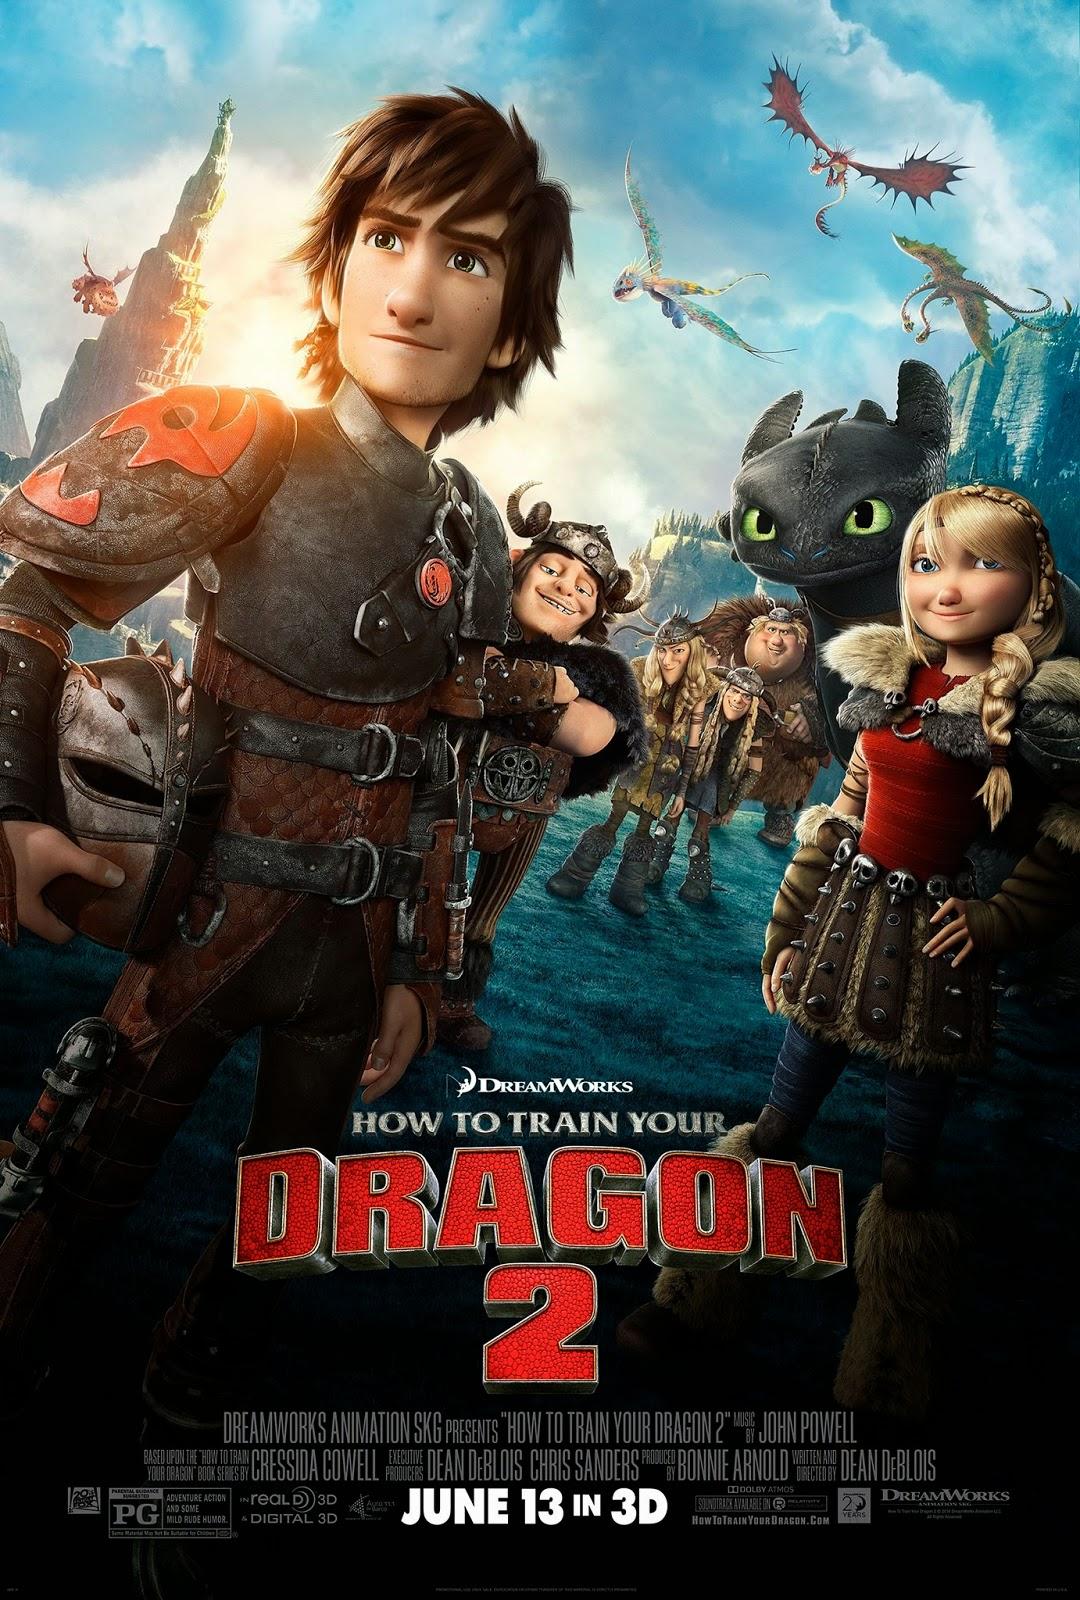 ตัวอย่างหนังใหม่ : How To Train Your Dragon 2 (อภินิหารไวกิ้งพิชิตมังกร 2) (ตัวอย่างที่ 3) ซับไทย poster